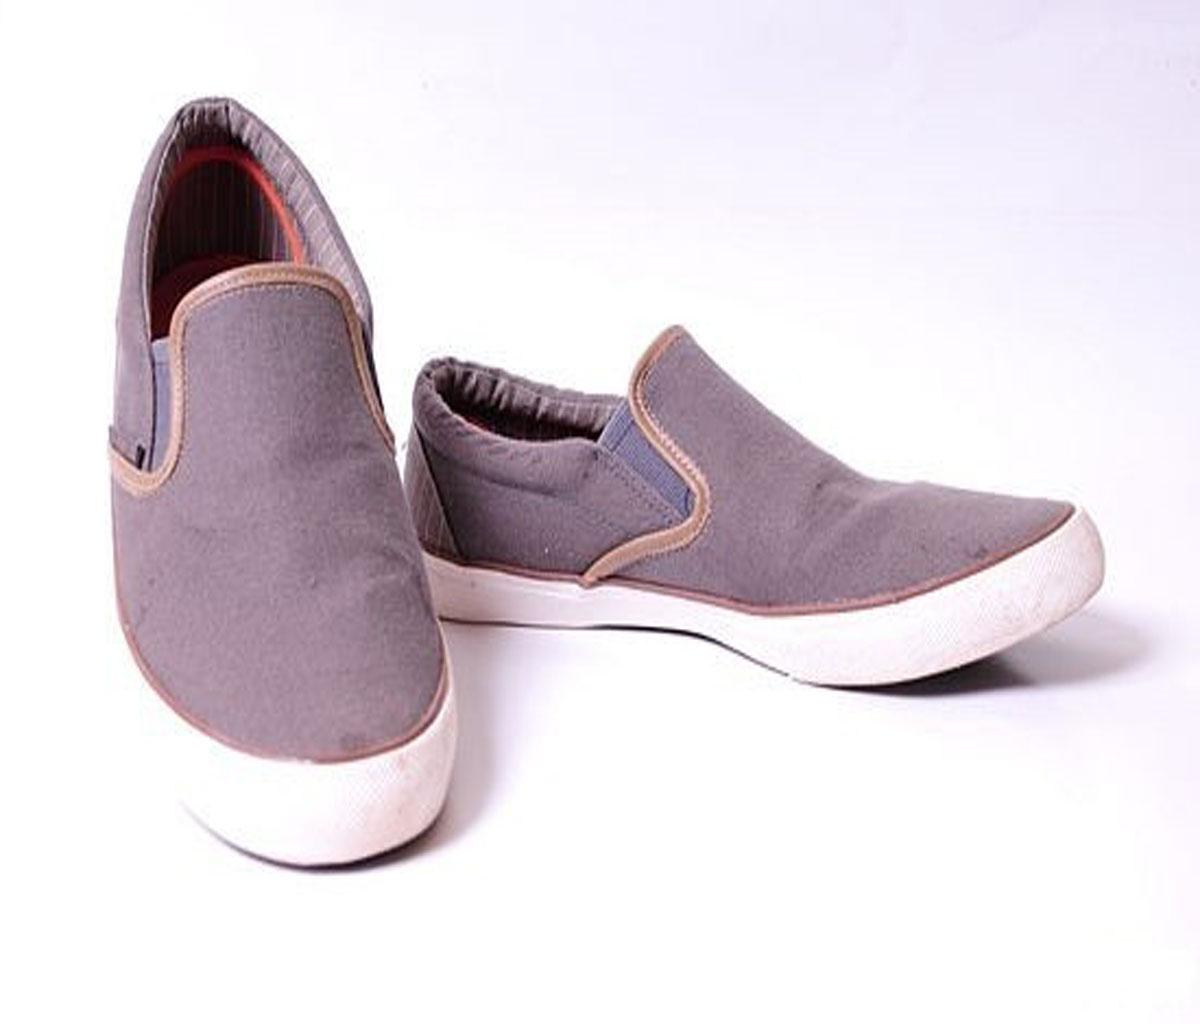 صور الحذاء في المنام للمتزوجة , تفسير رؤيه الحذاء للمتزوجه